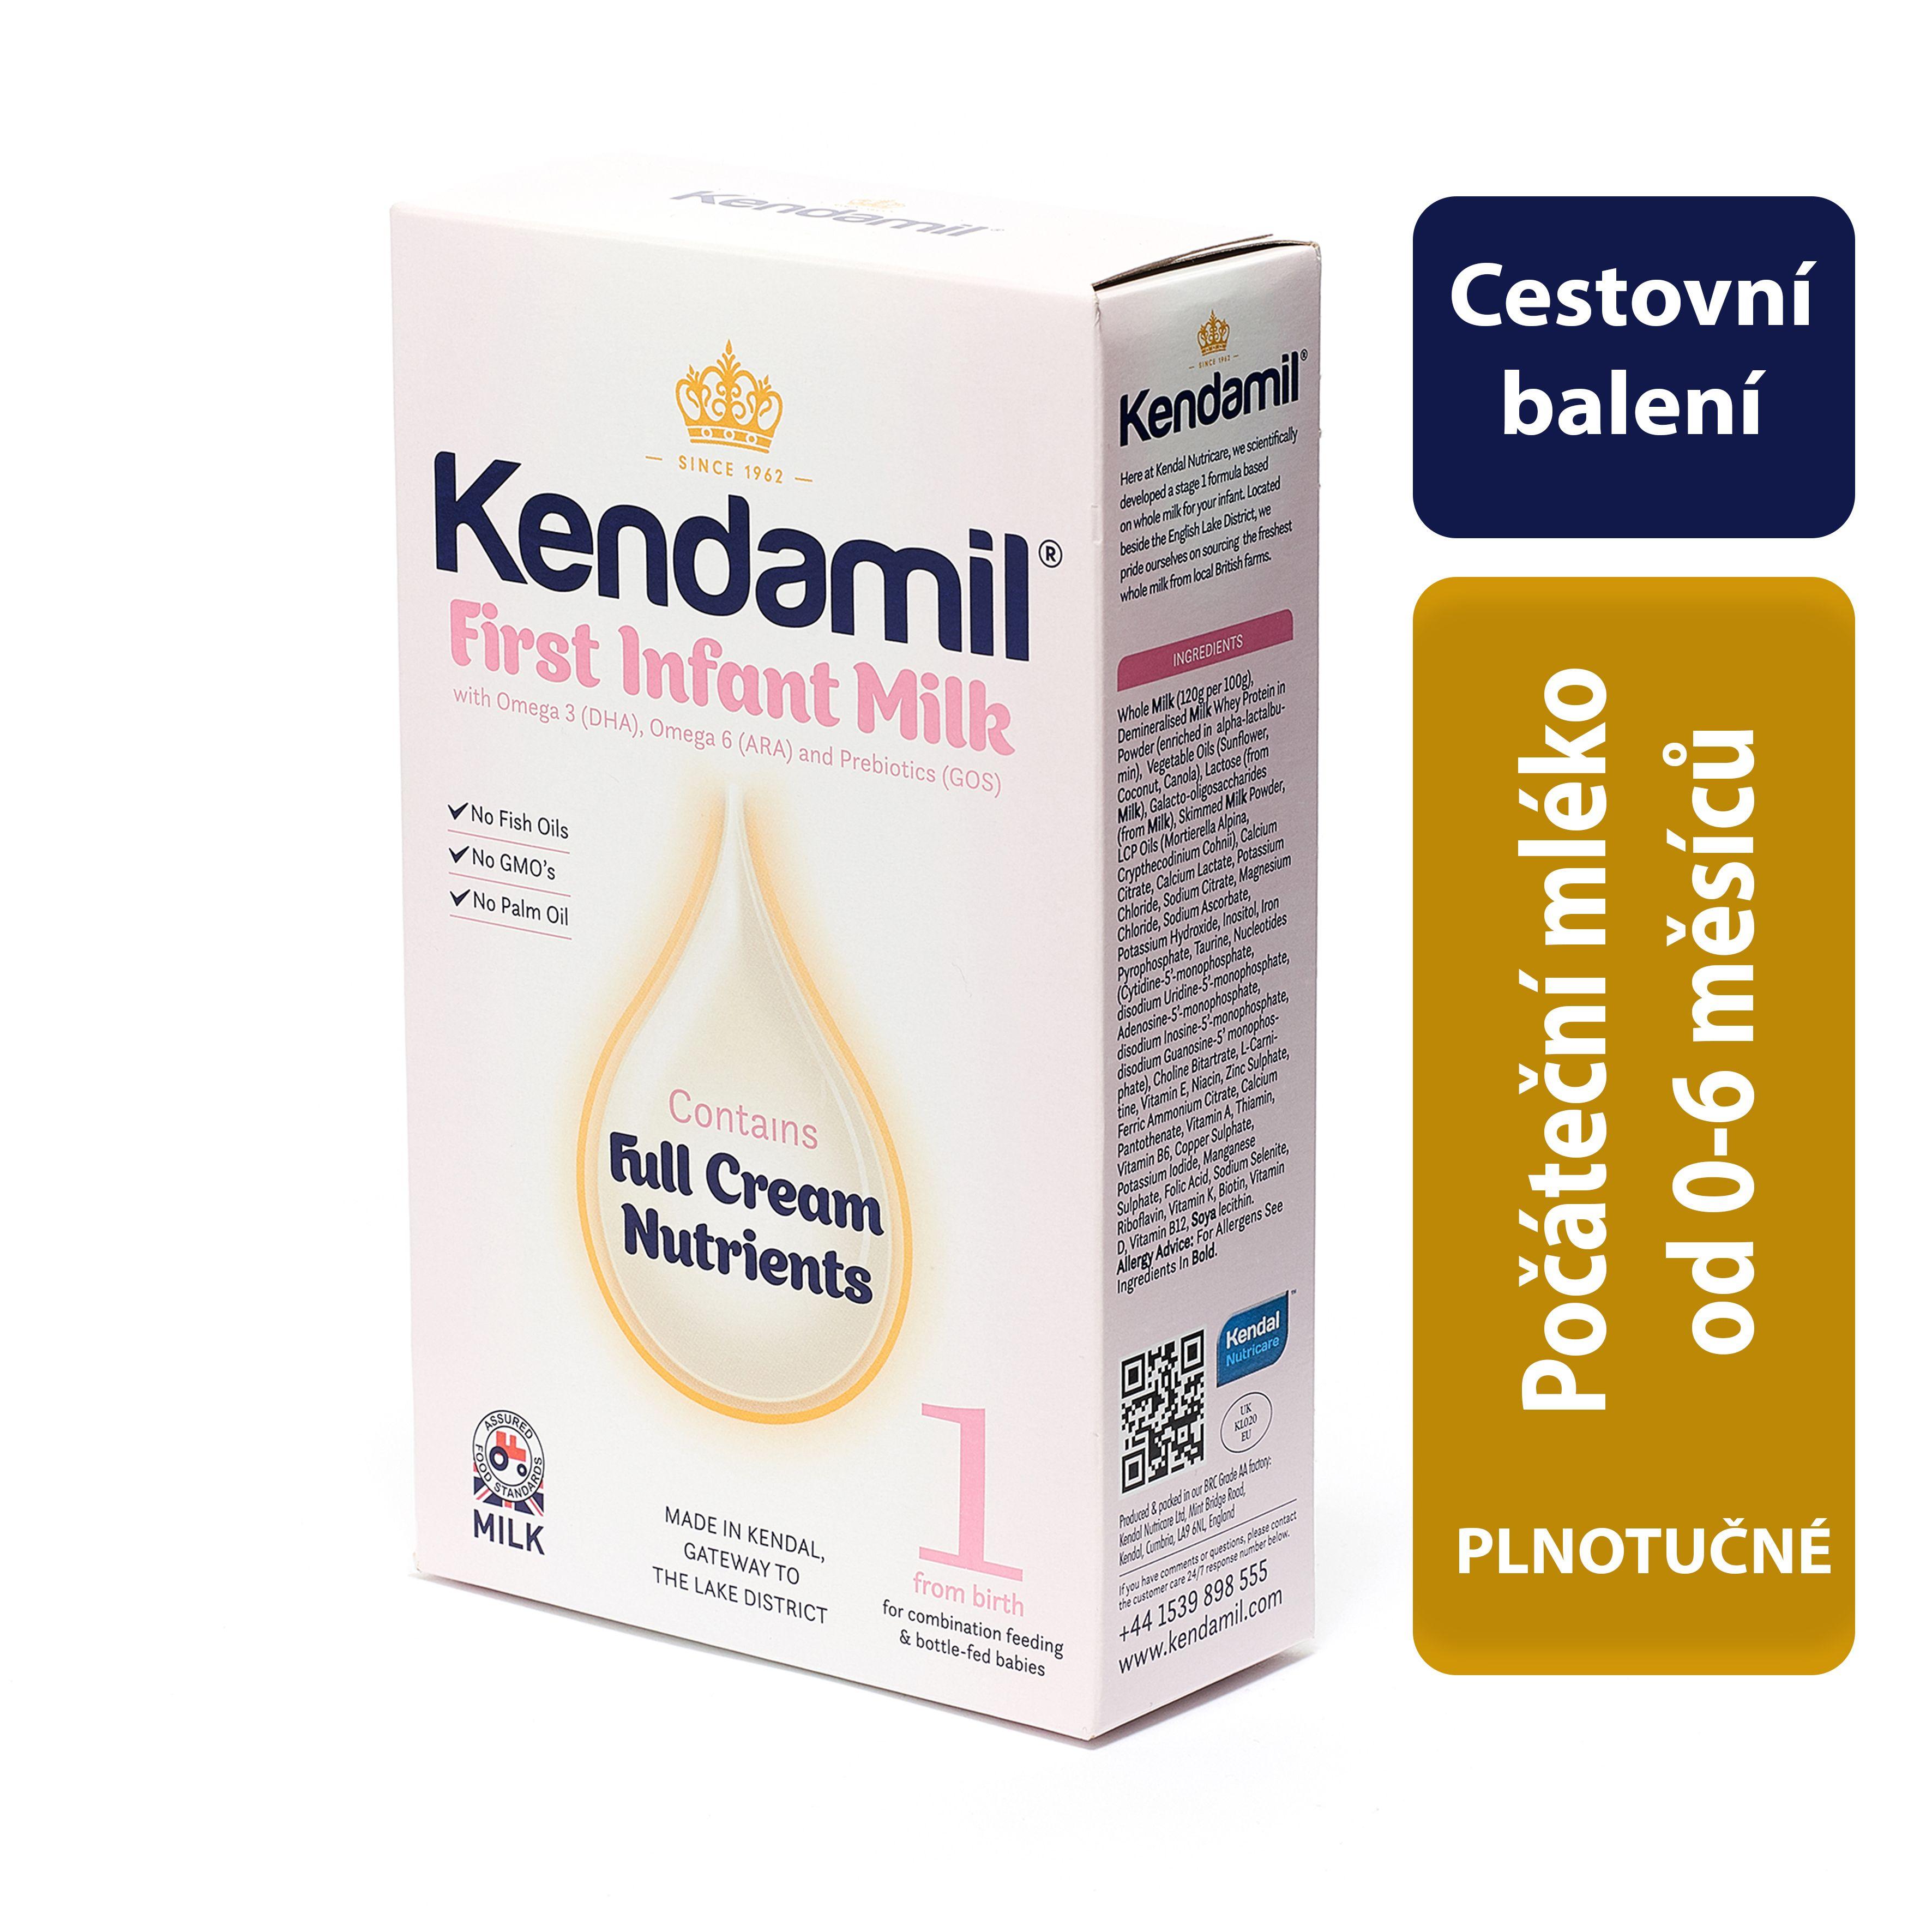 75f8745318c Kendamil 1 Kojenecké mléko počáteční 150 g